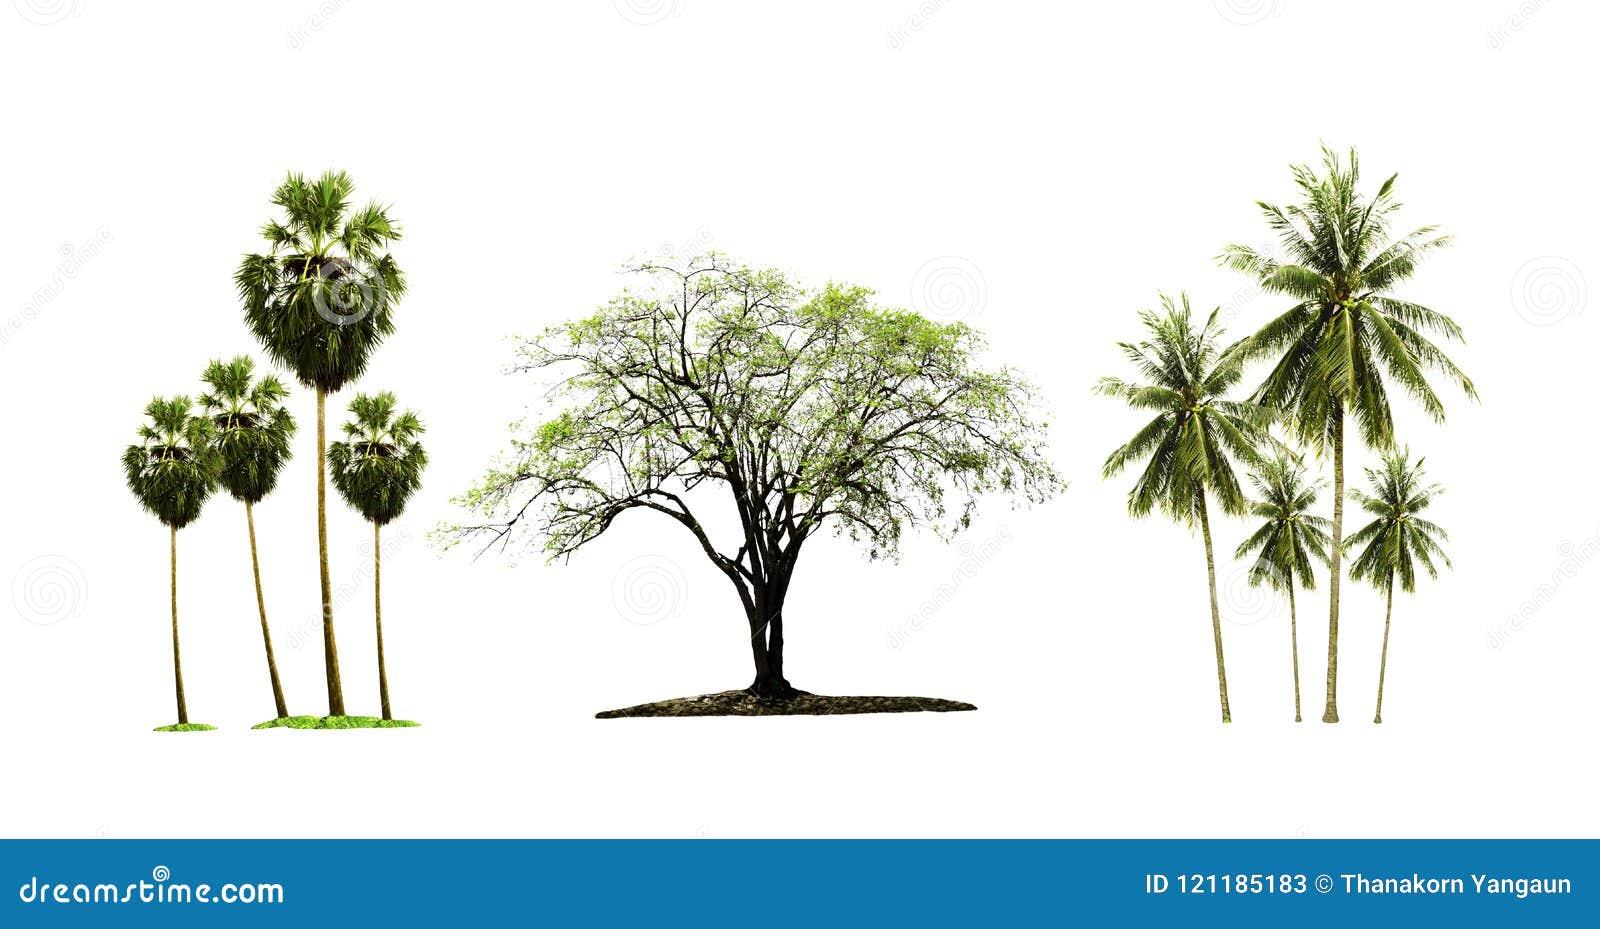 桄榔树和椰子树和在白色背景隔绝的印地安枣树